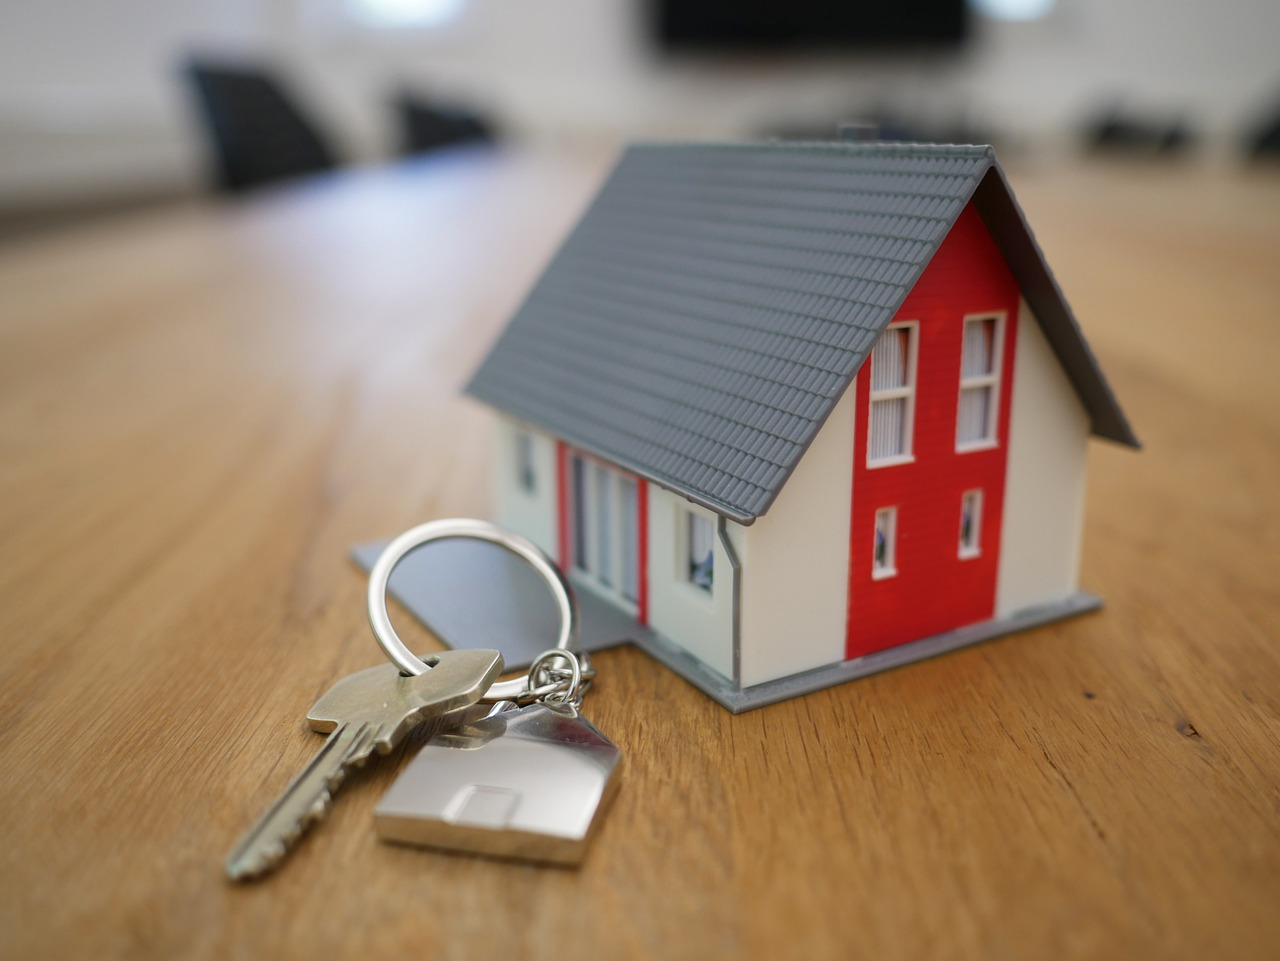 Правительство выделило ещё более 27 млрд рублей на погашение ипотеки для многодетных семей